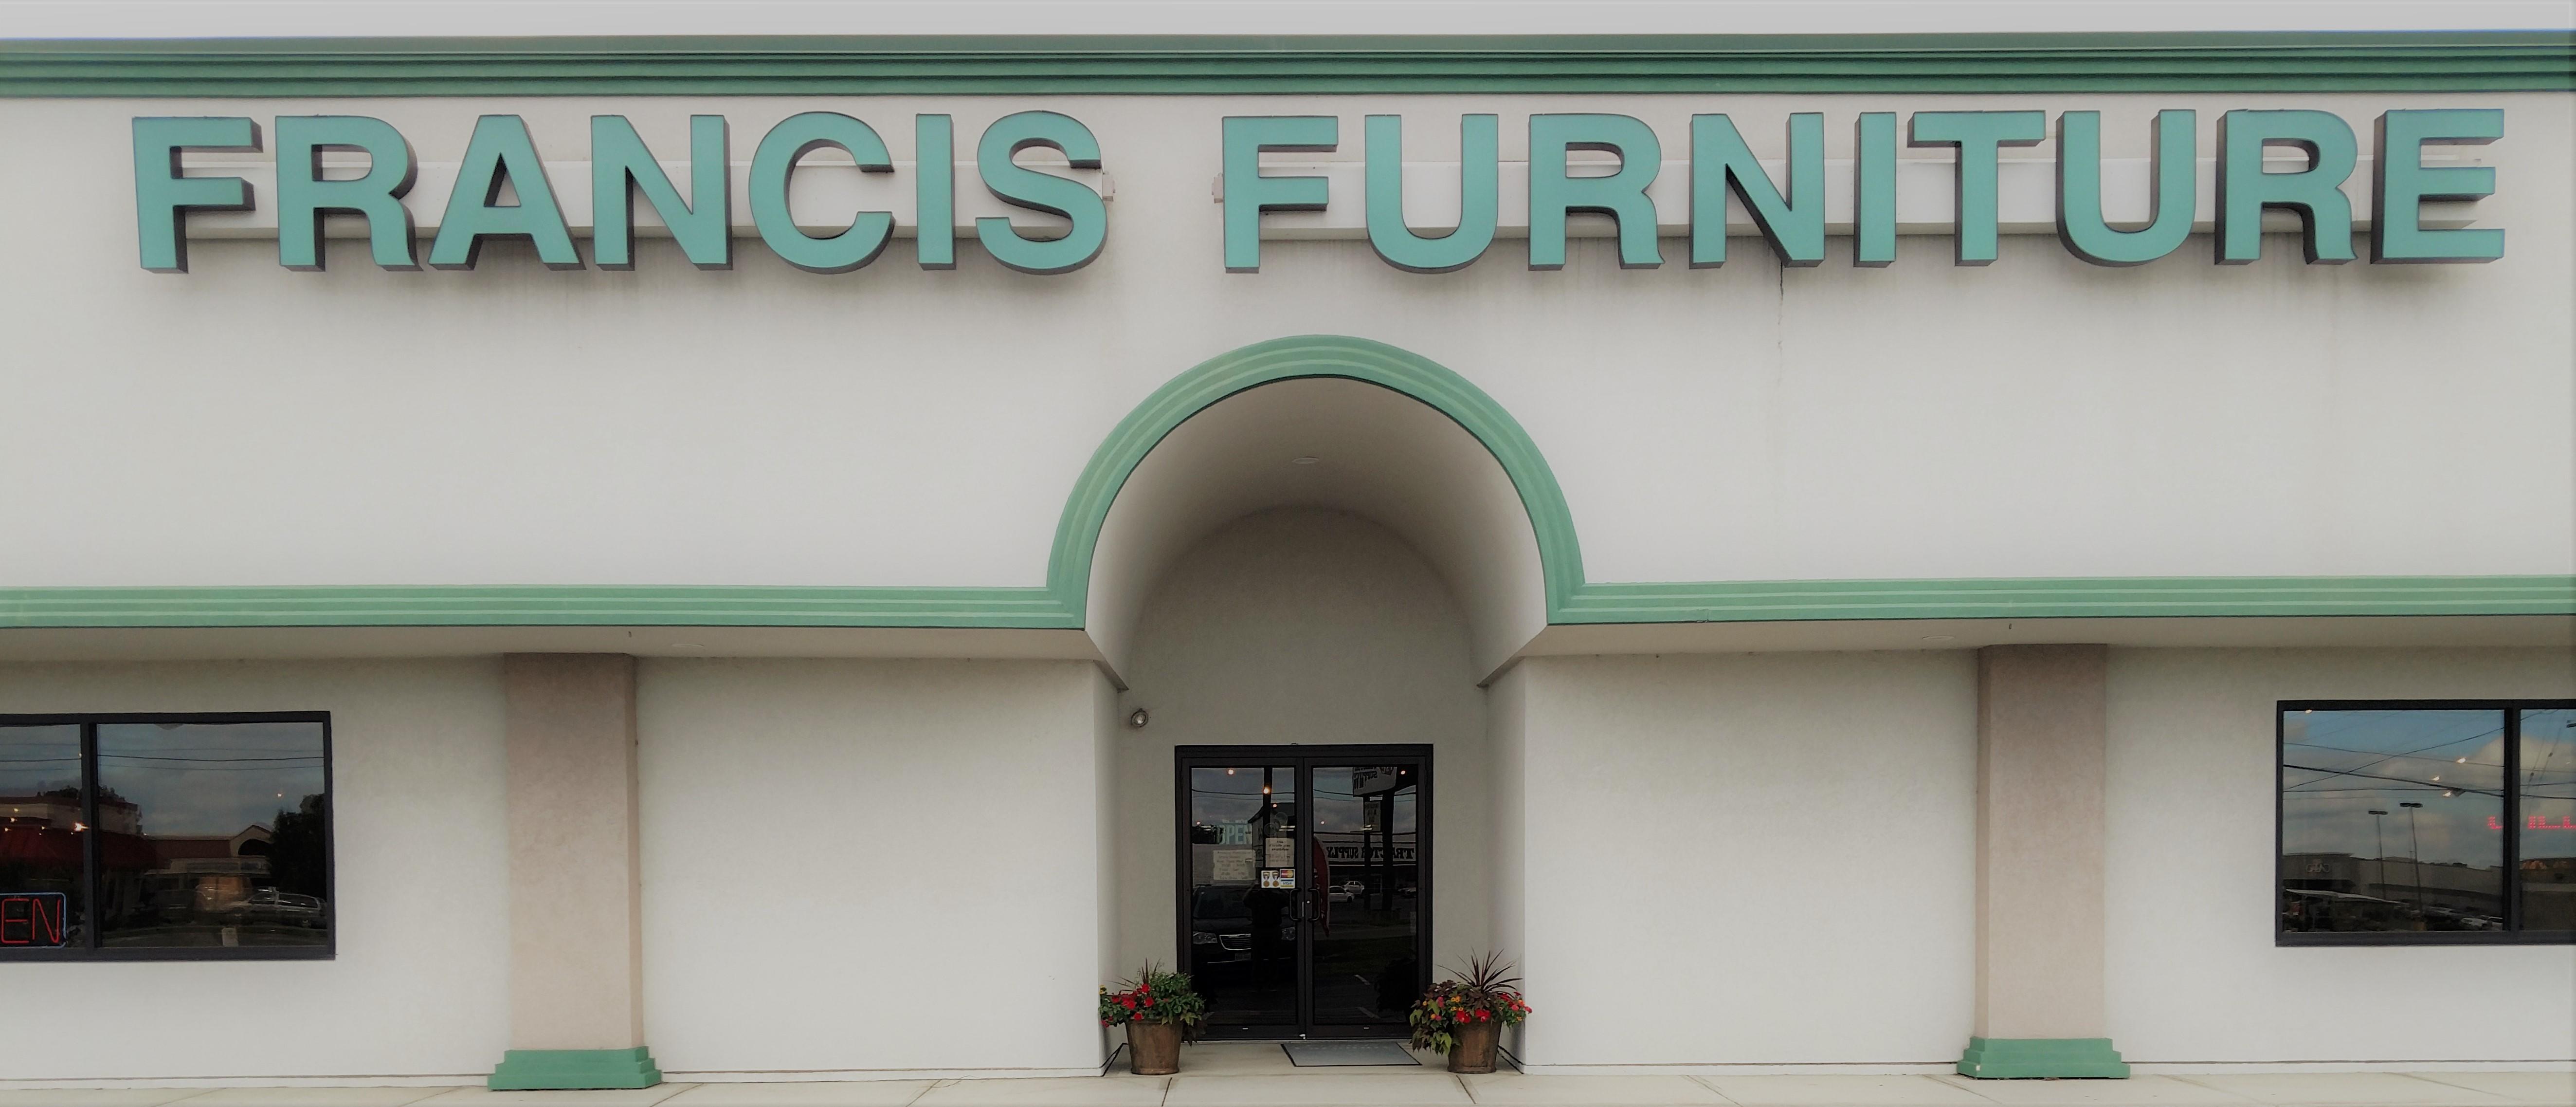 Francis Furniture Greenville Ohio Oh Localdatabase Com